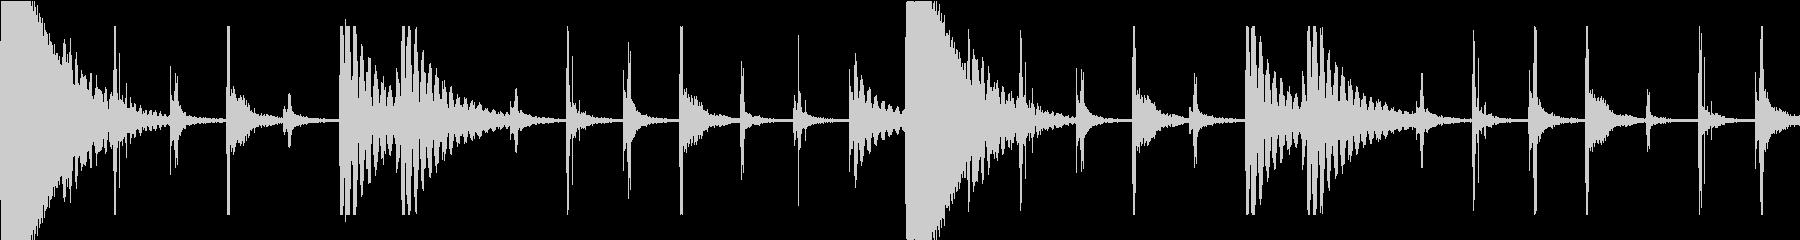 サルサの基本リズム4小節 BPM184の未再生の波形